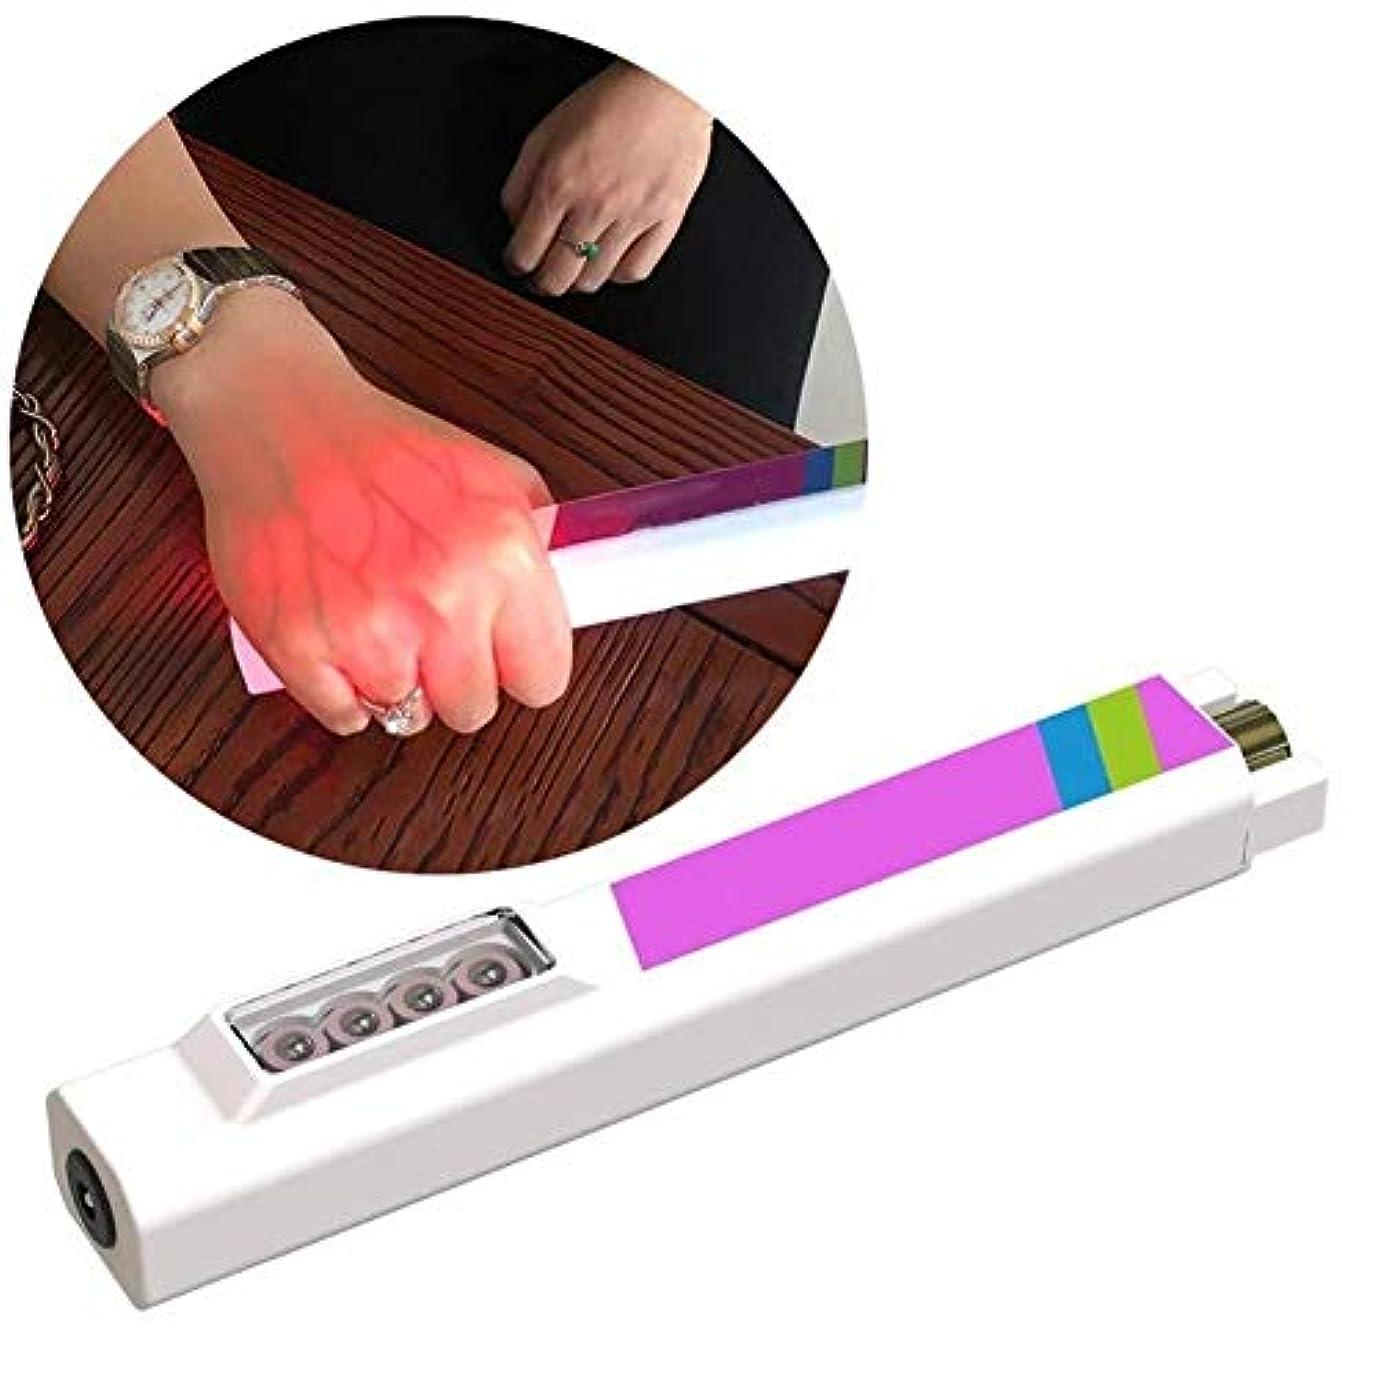 モンク蜜地平線静脈イメージング懐中電灯血管ディスプレイ懐中電灯手穿刺による血管ライトの確認皮下静脈デバイスの発見が容易